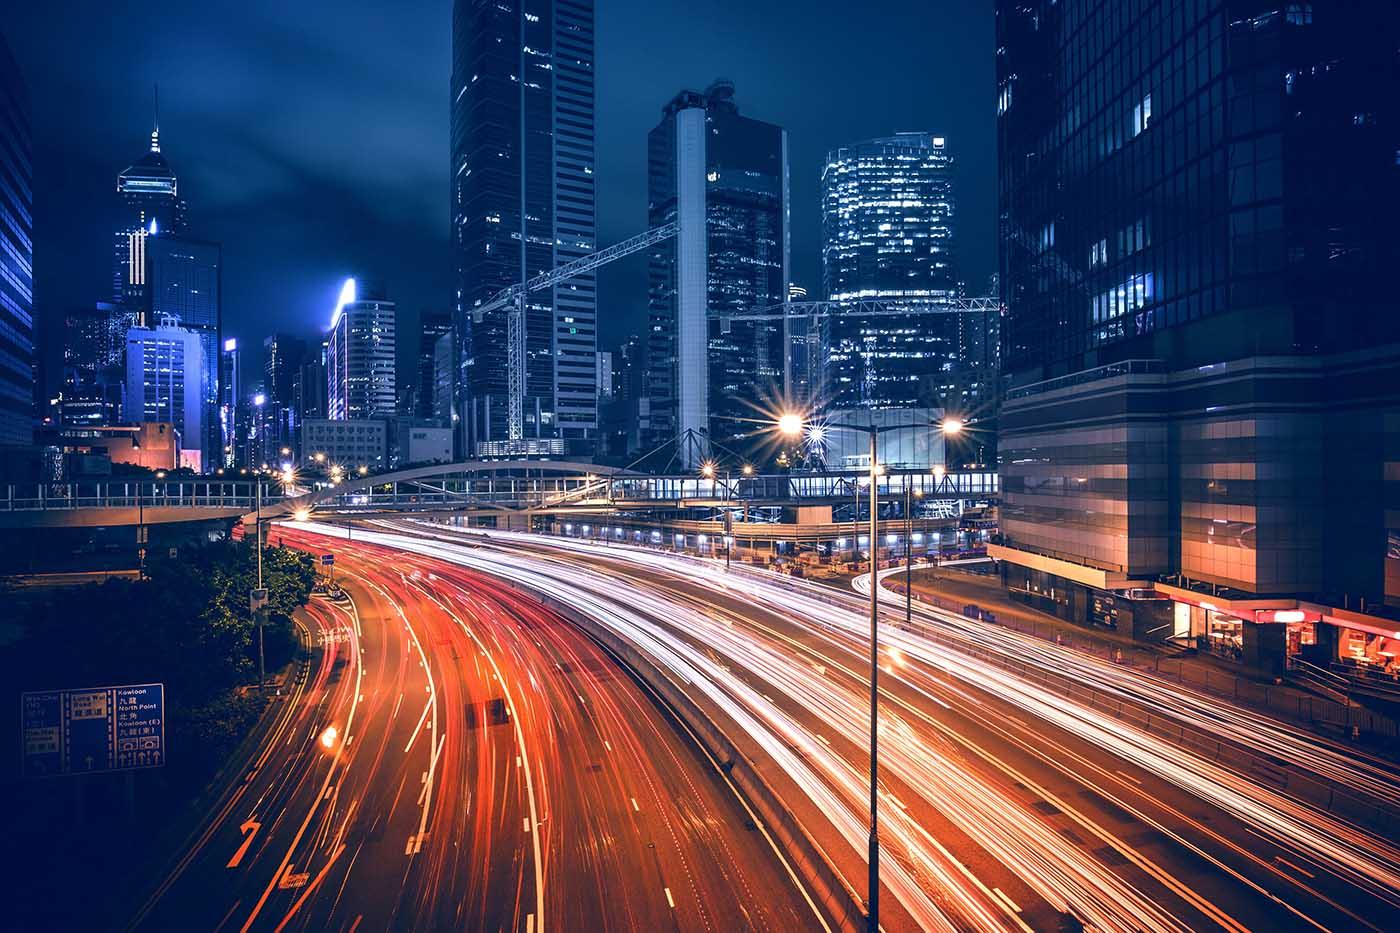 città di notte con luci di macchine che passano come metafora delle soluzioni mobility and wireless